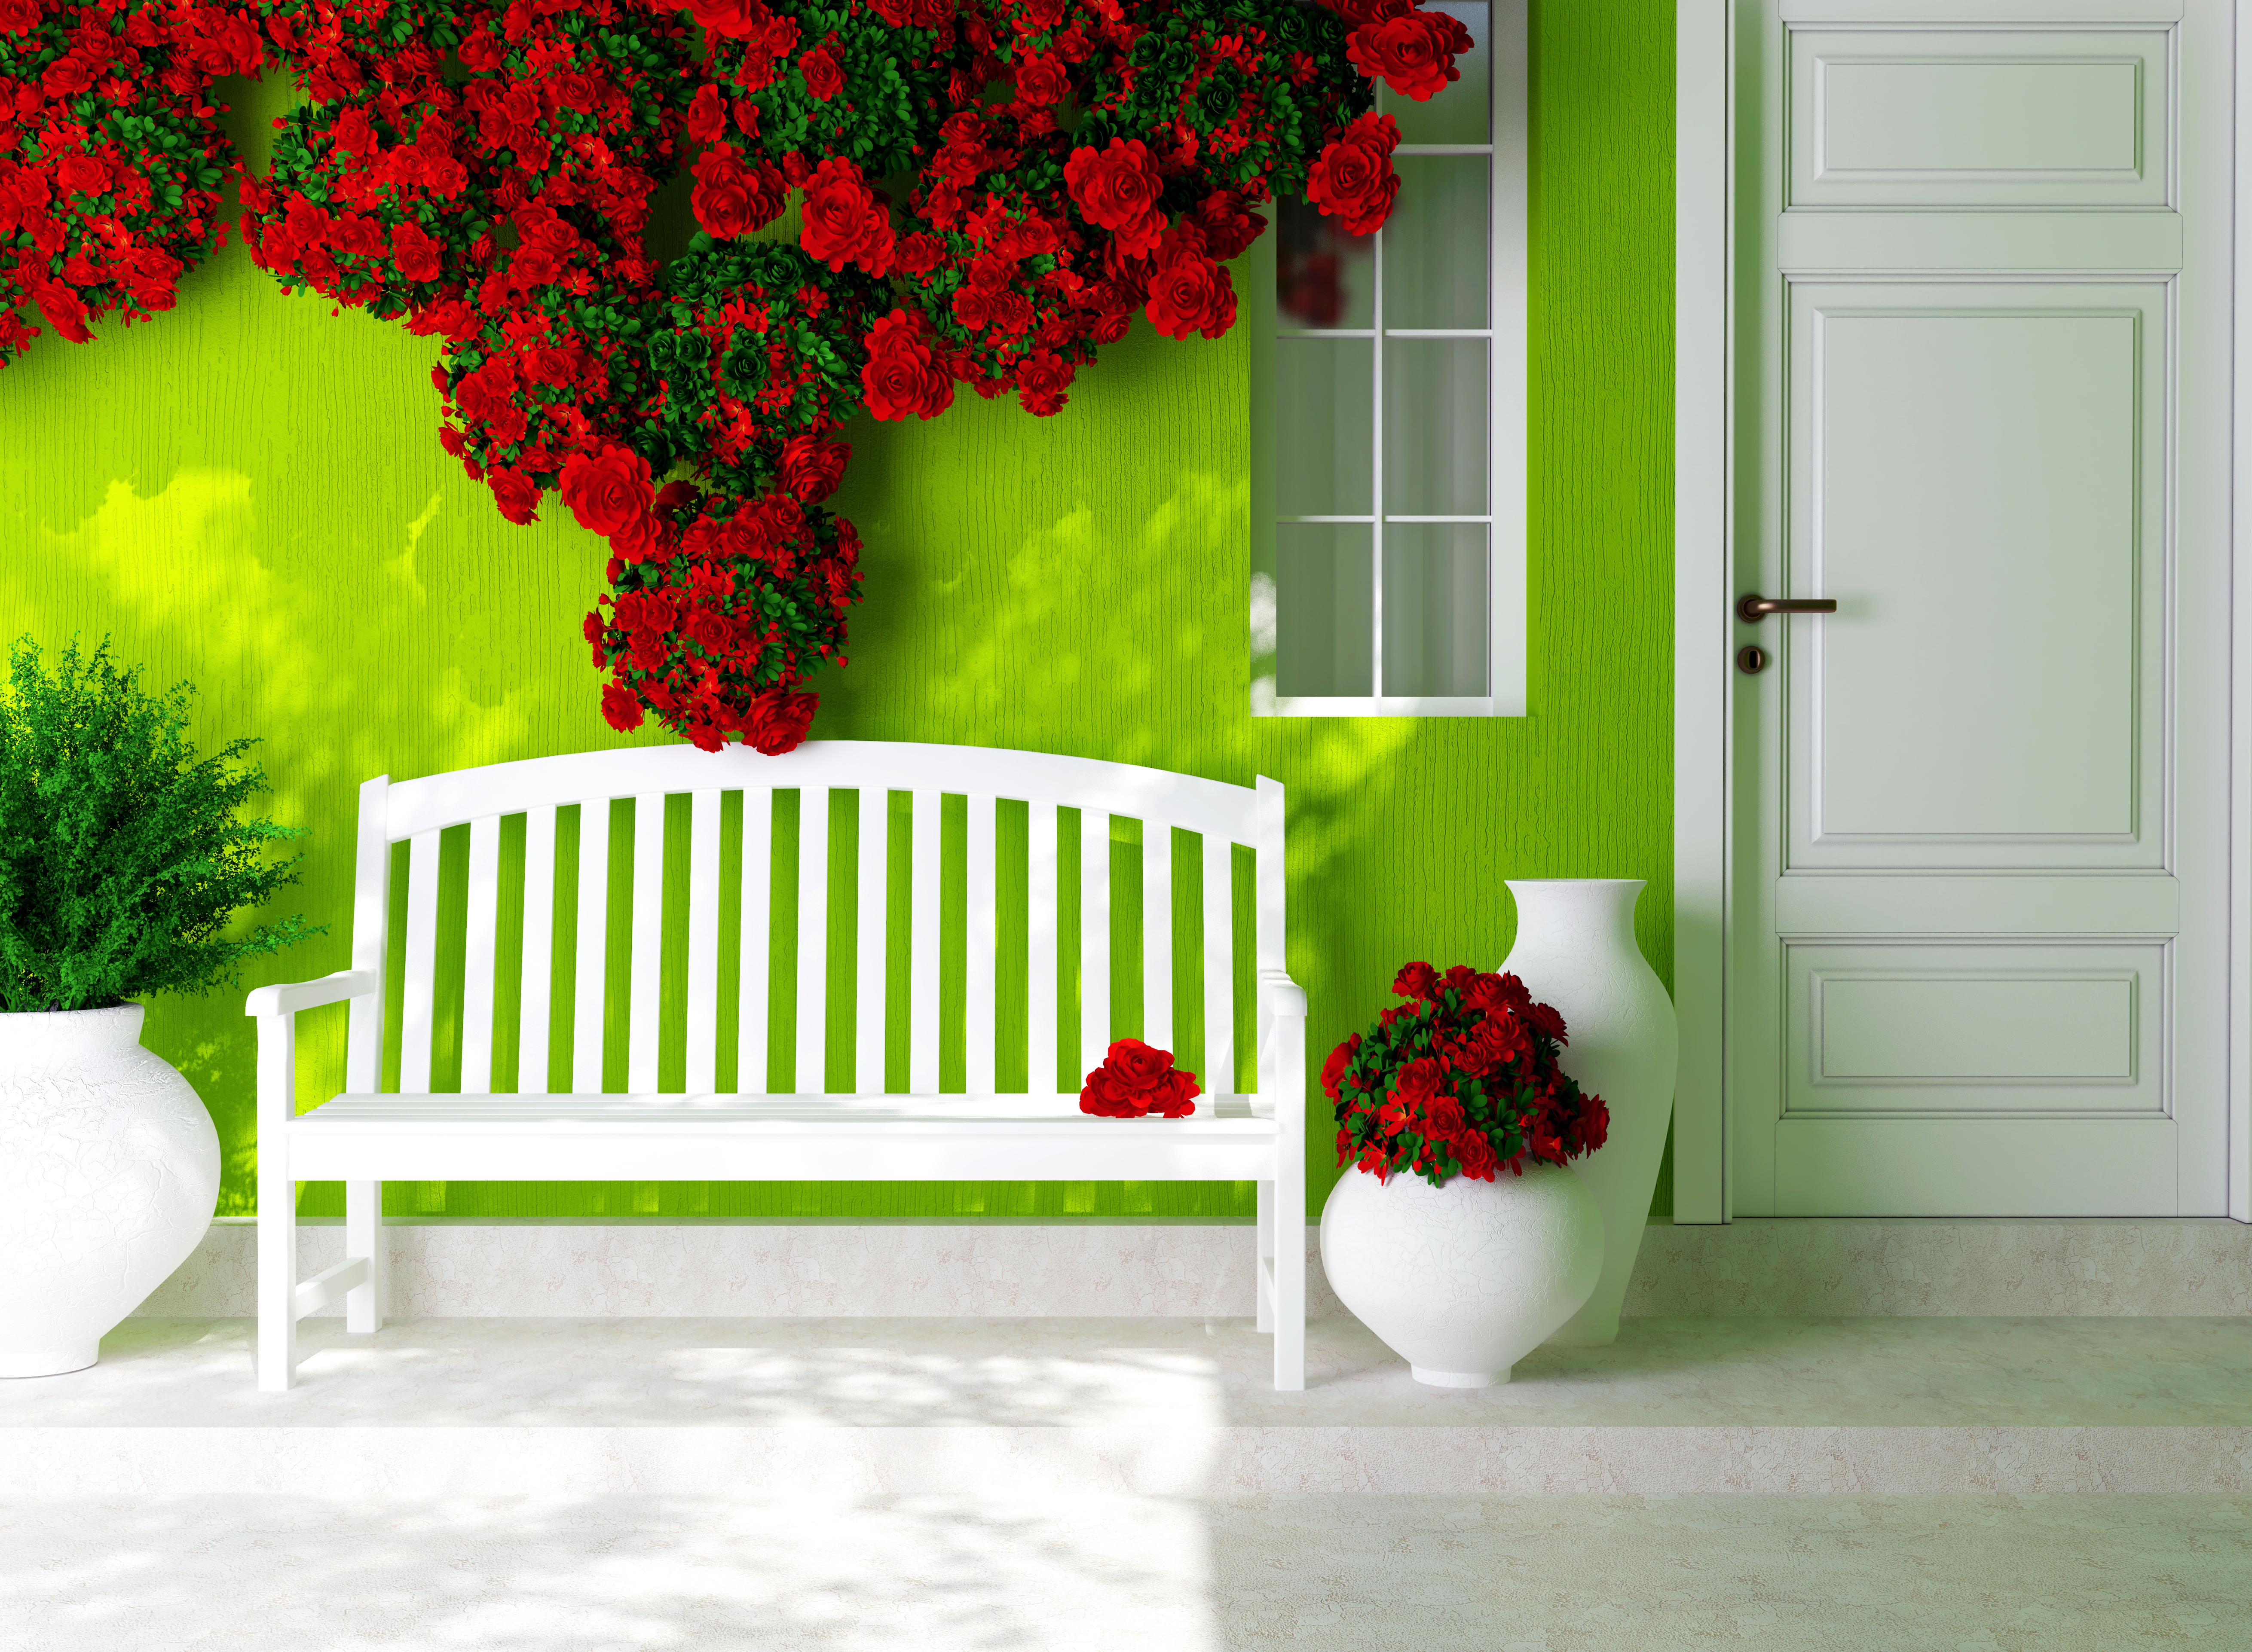 Картинки роза красные Цветы Дверь Скамья 5240x3845 Розы красных красная Красный цветок двери Скамейка